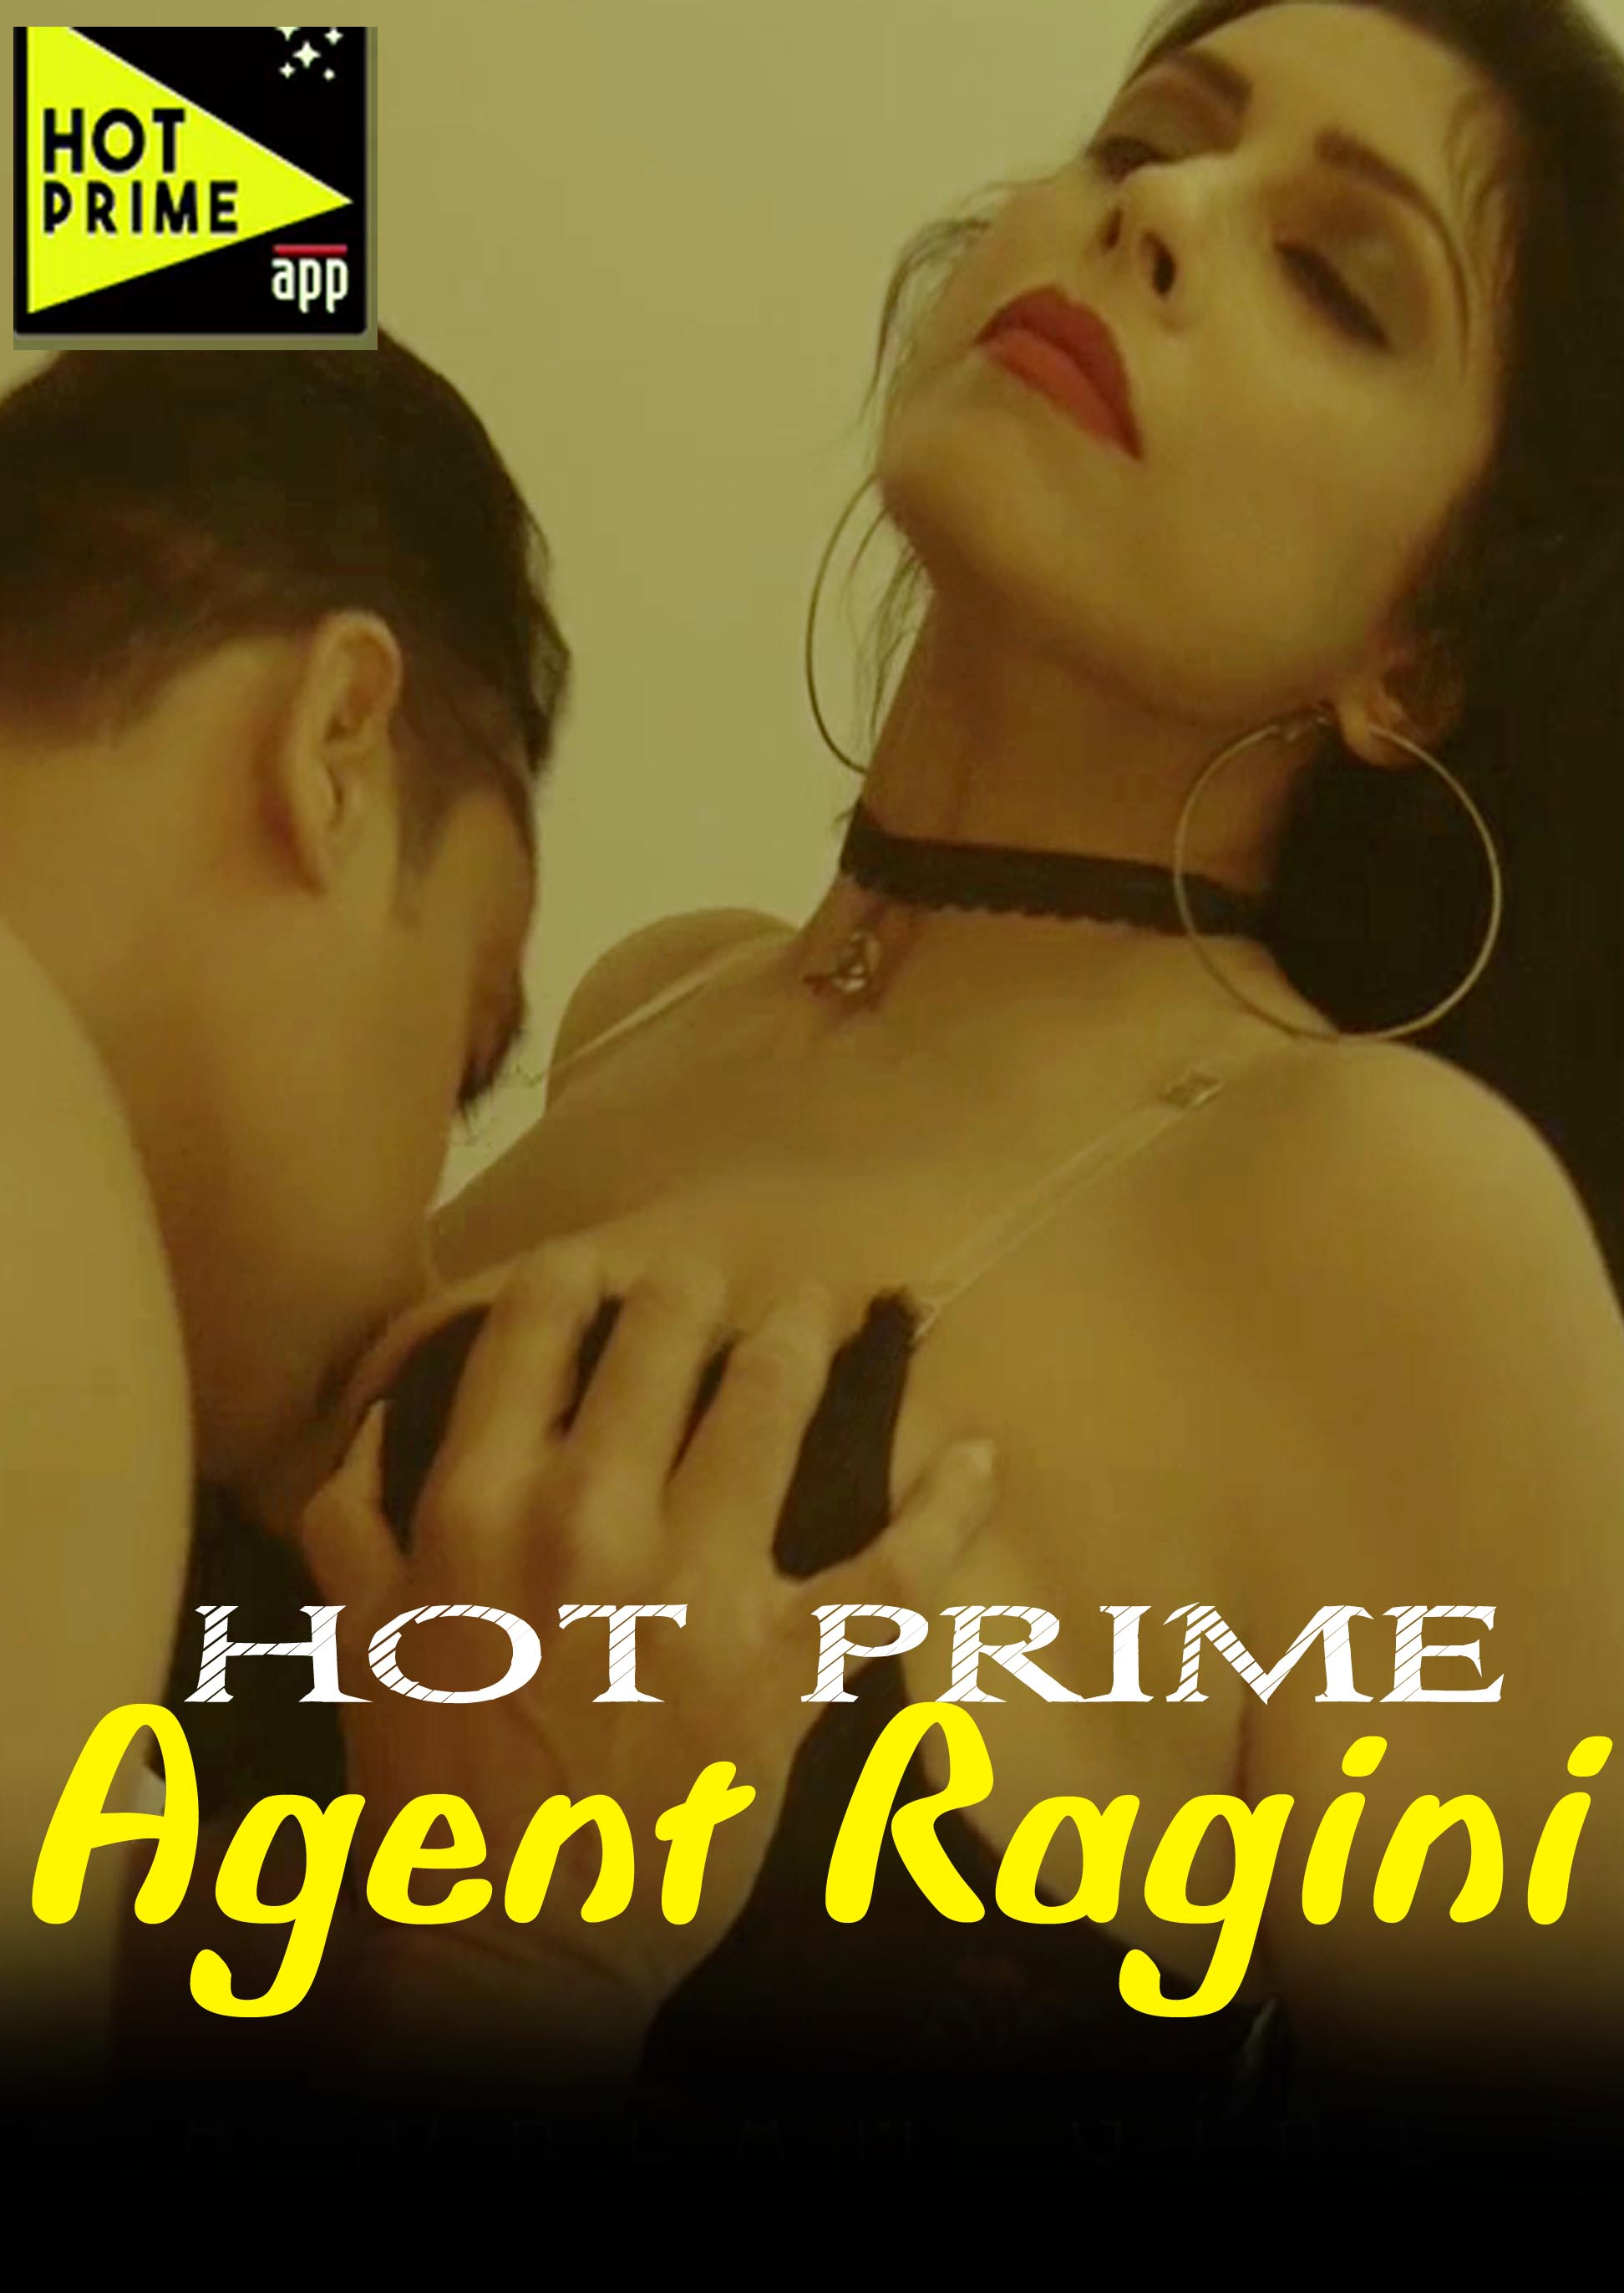 Agent Ragini 2020 HotPrime Originals Hindi Short Film 720p HDRip 90MB